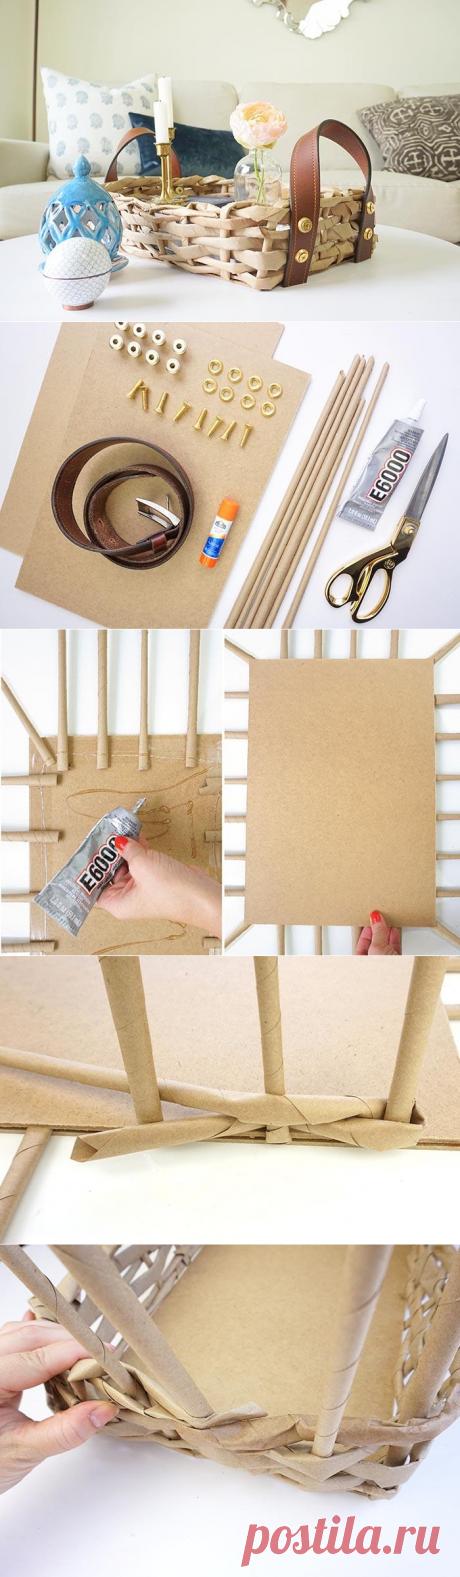 Как сплести корзинку из бумажных трубочек